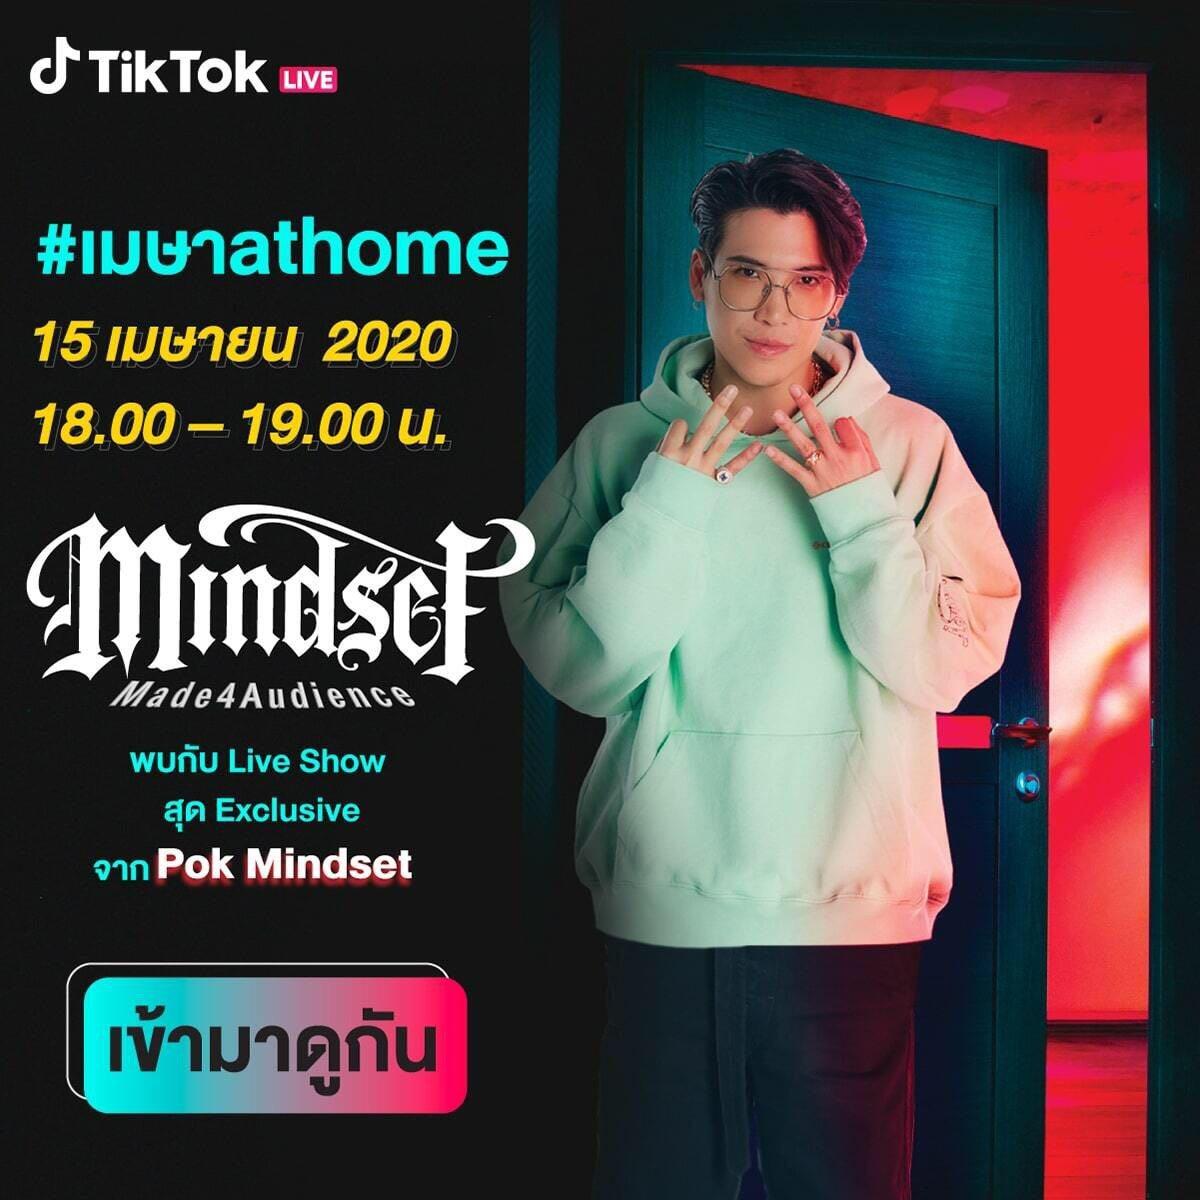 วันนี้เตรียมตัวไป Wip Wup 💎💎 กันบน TikTok ได้เลยเวลา 18:00-19:00 นะครับ 🤩 เป็น Live สุดพิเศษ! และเป็นศิลปินคนแรกของประเทศไทยเลยนะเนี่ยที่จะได้มาทำกิจกรรมดีๆแบบนี้บน TikTok ให้พวกเราคนทางบ้านได้สนุกกัน...รีบโหลดแอพฯ TikTok มาเลยย #เมษาathome #mindsetmade4audience #mindsetmob https://t.co/8ZTKI03kLO